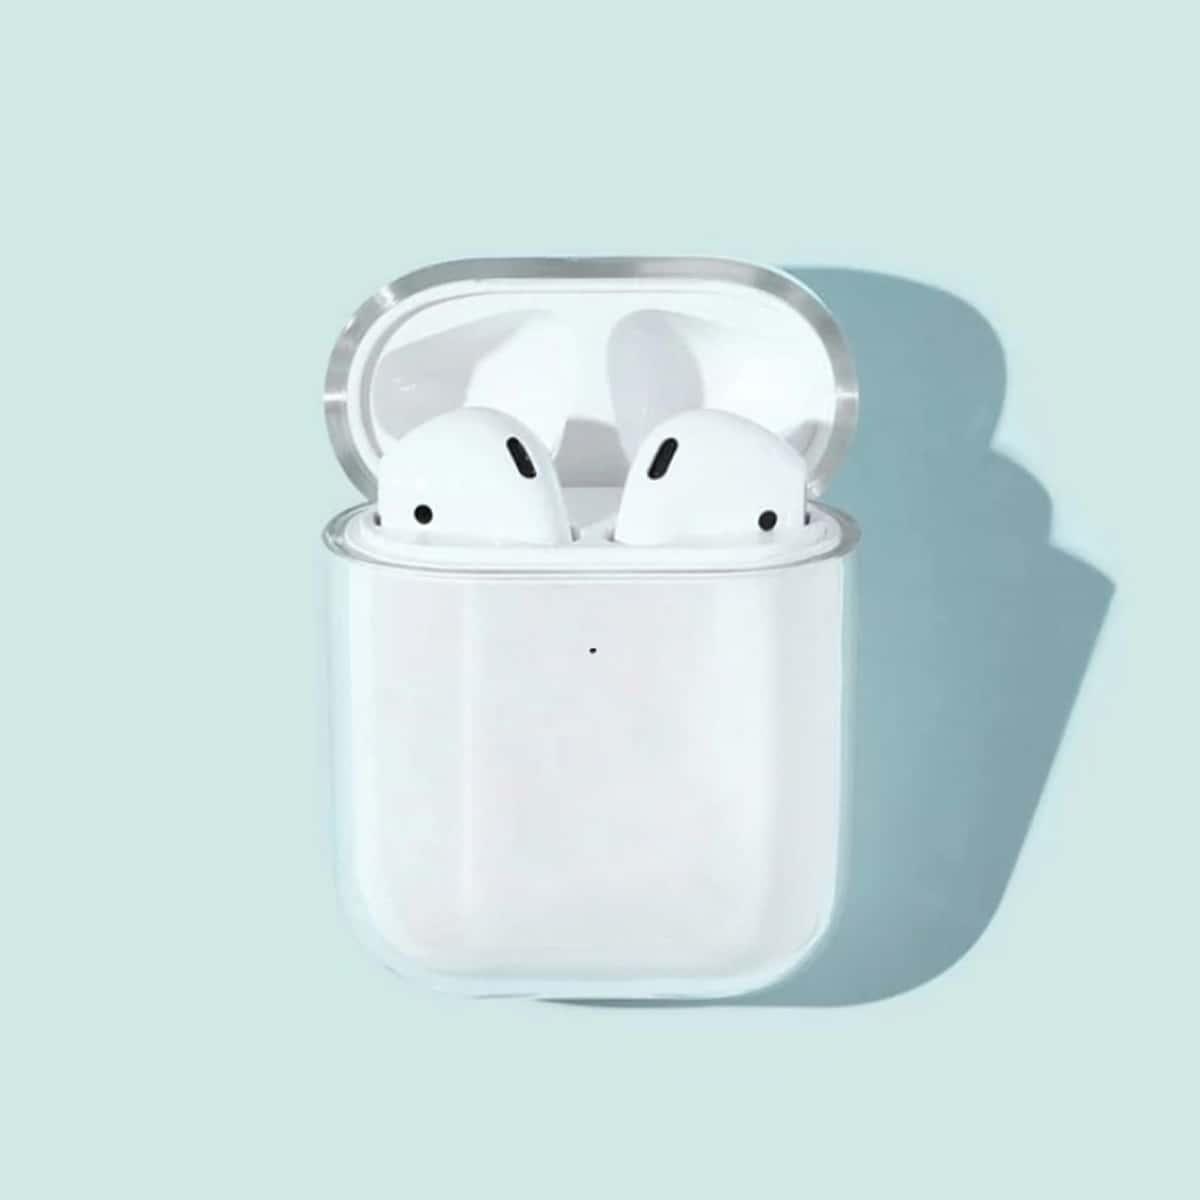 SHEIN / 1 Stück Einfarbige transparente Airpods Hülle